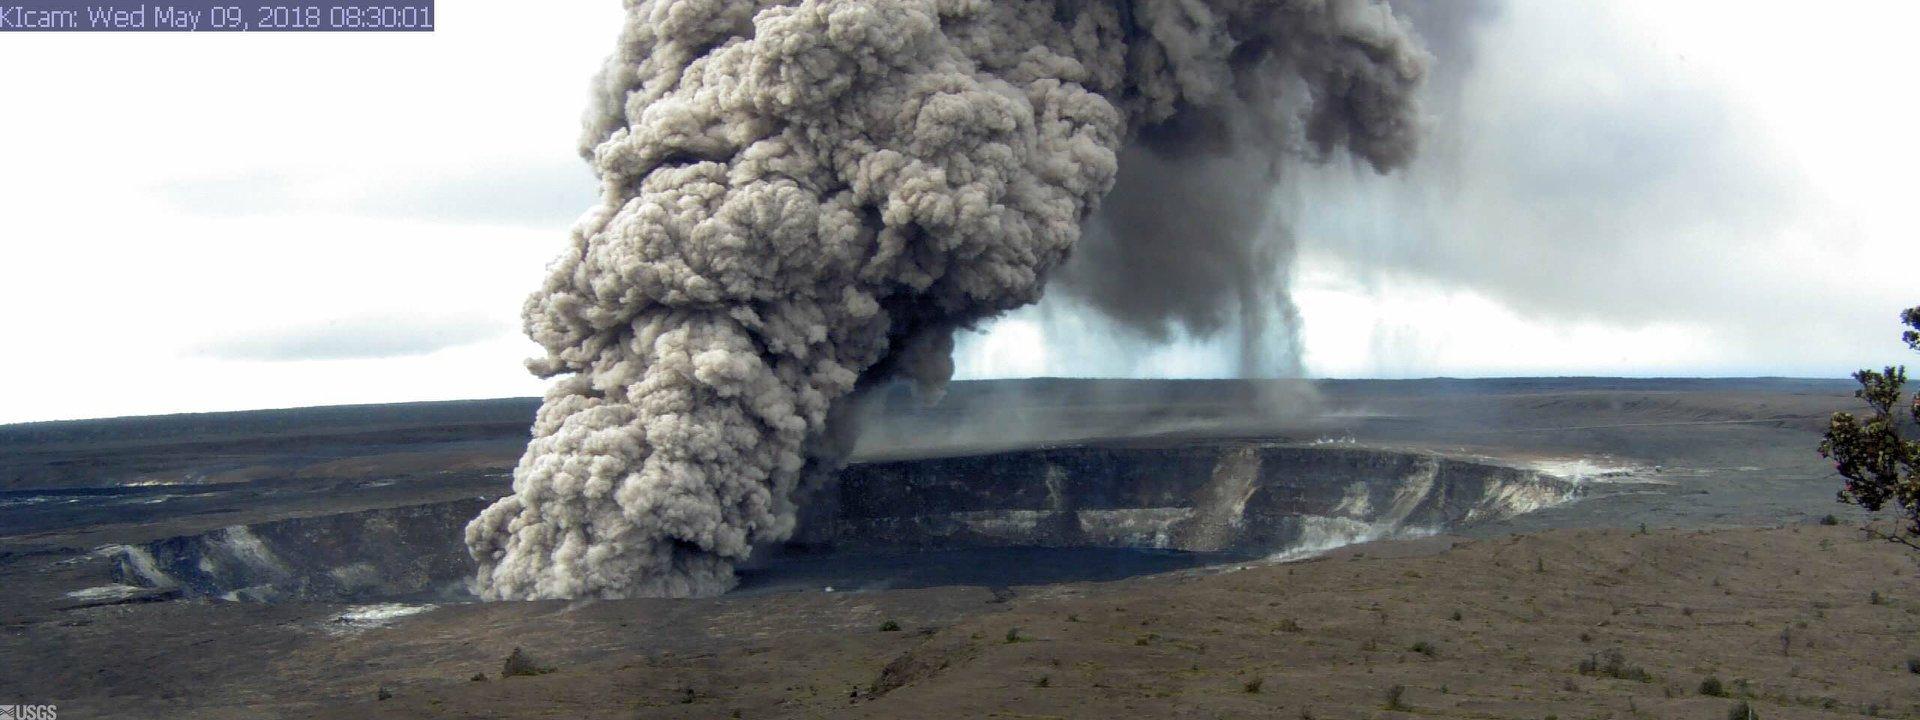 10 Mai  2018. FR.  Pu'u 'Ō'ō / Kilauea , Copahue , Piton de la Fournaise , Sangeangapi  .